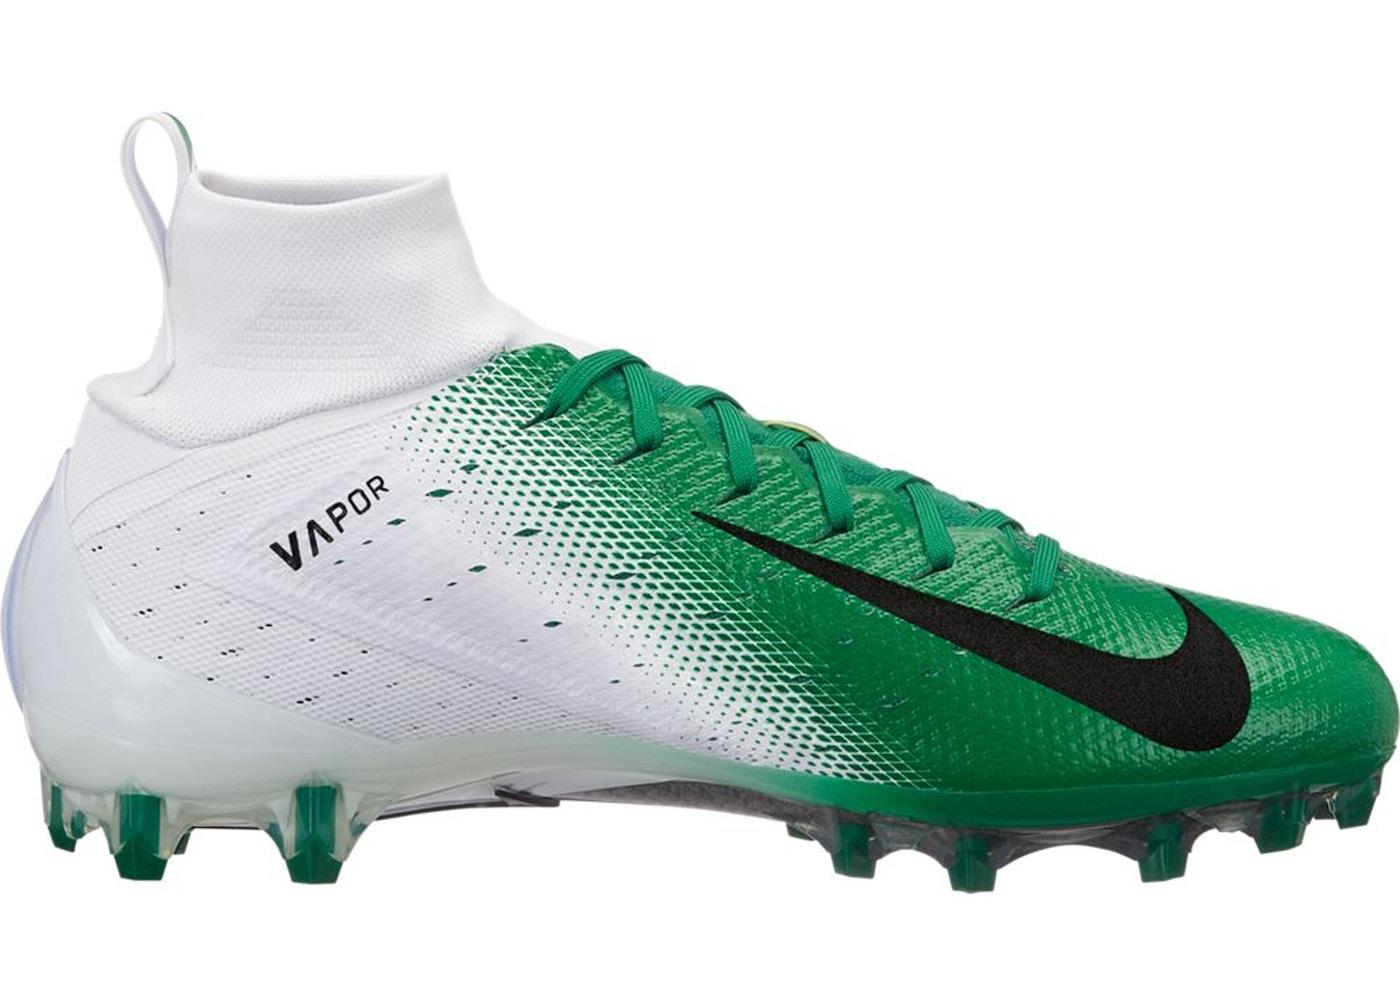 uk availability 4285b d16e7 Nike Vapor Untouchable Pro 3 White Black Pine Green - 917165-103